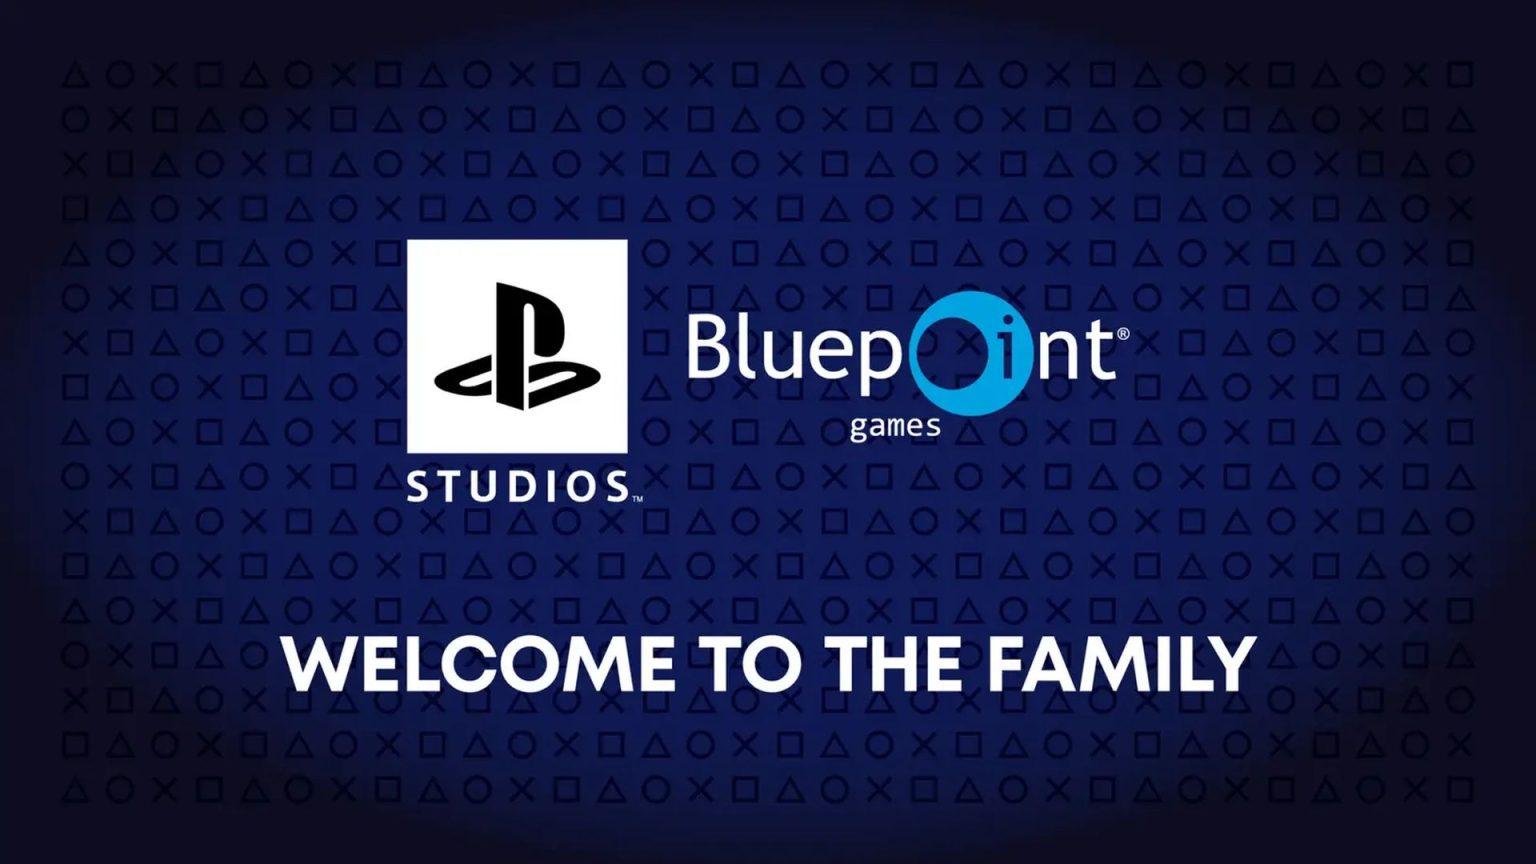 استودیو Bluepoint